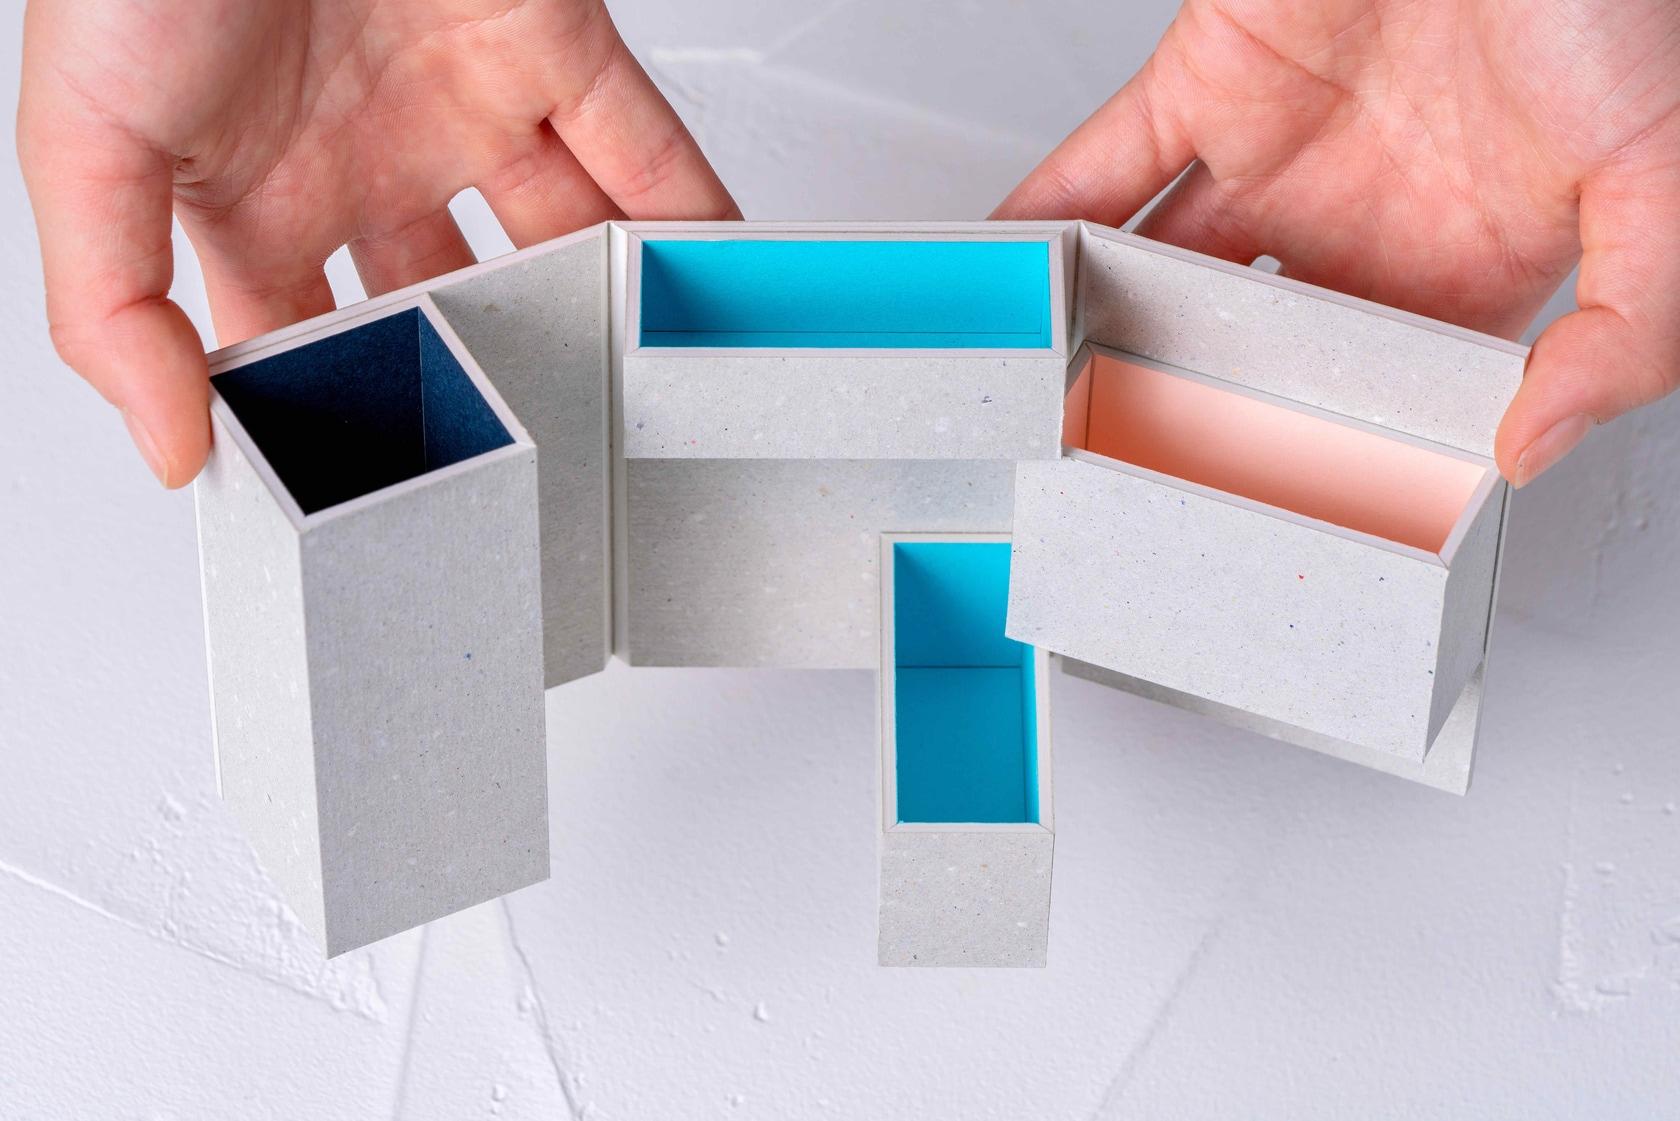 モリタのMiNiMuM Space BOX-1を手で開く,4つの収納スペースを持つ特殊加工の紙箱